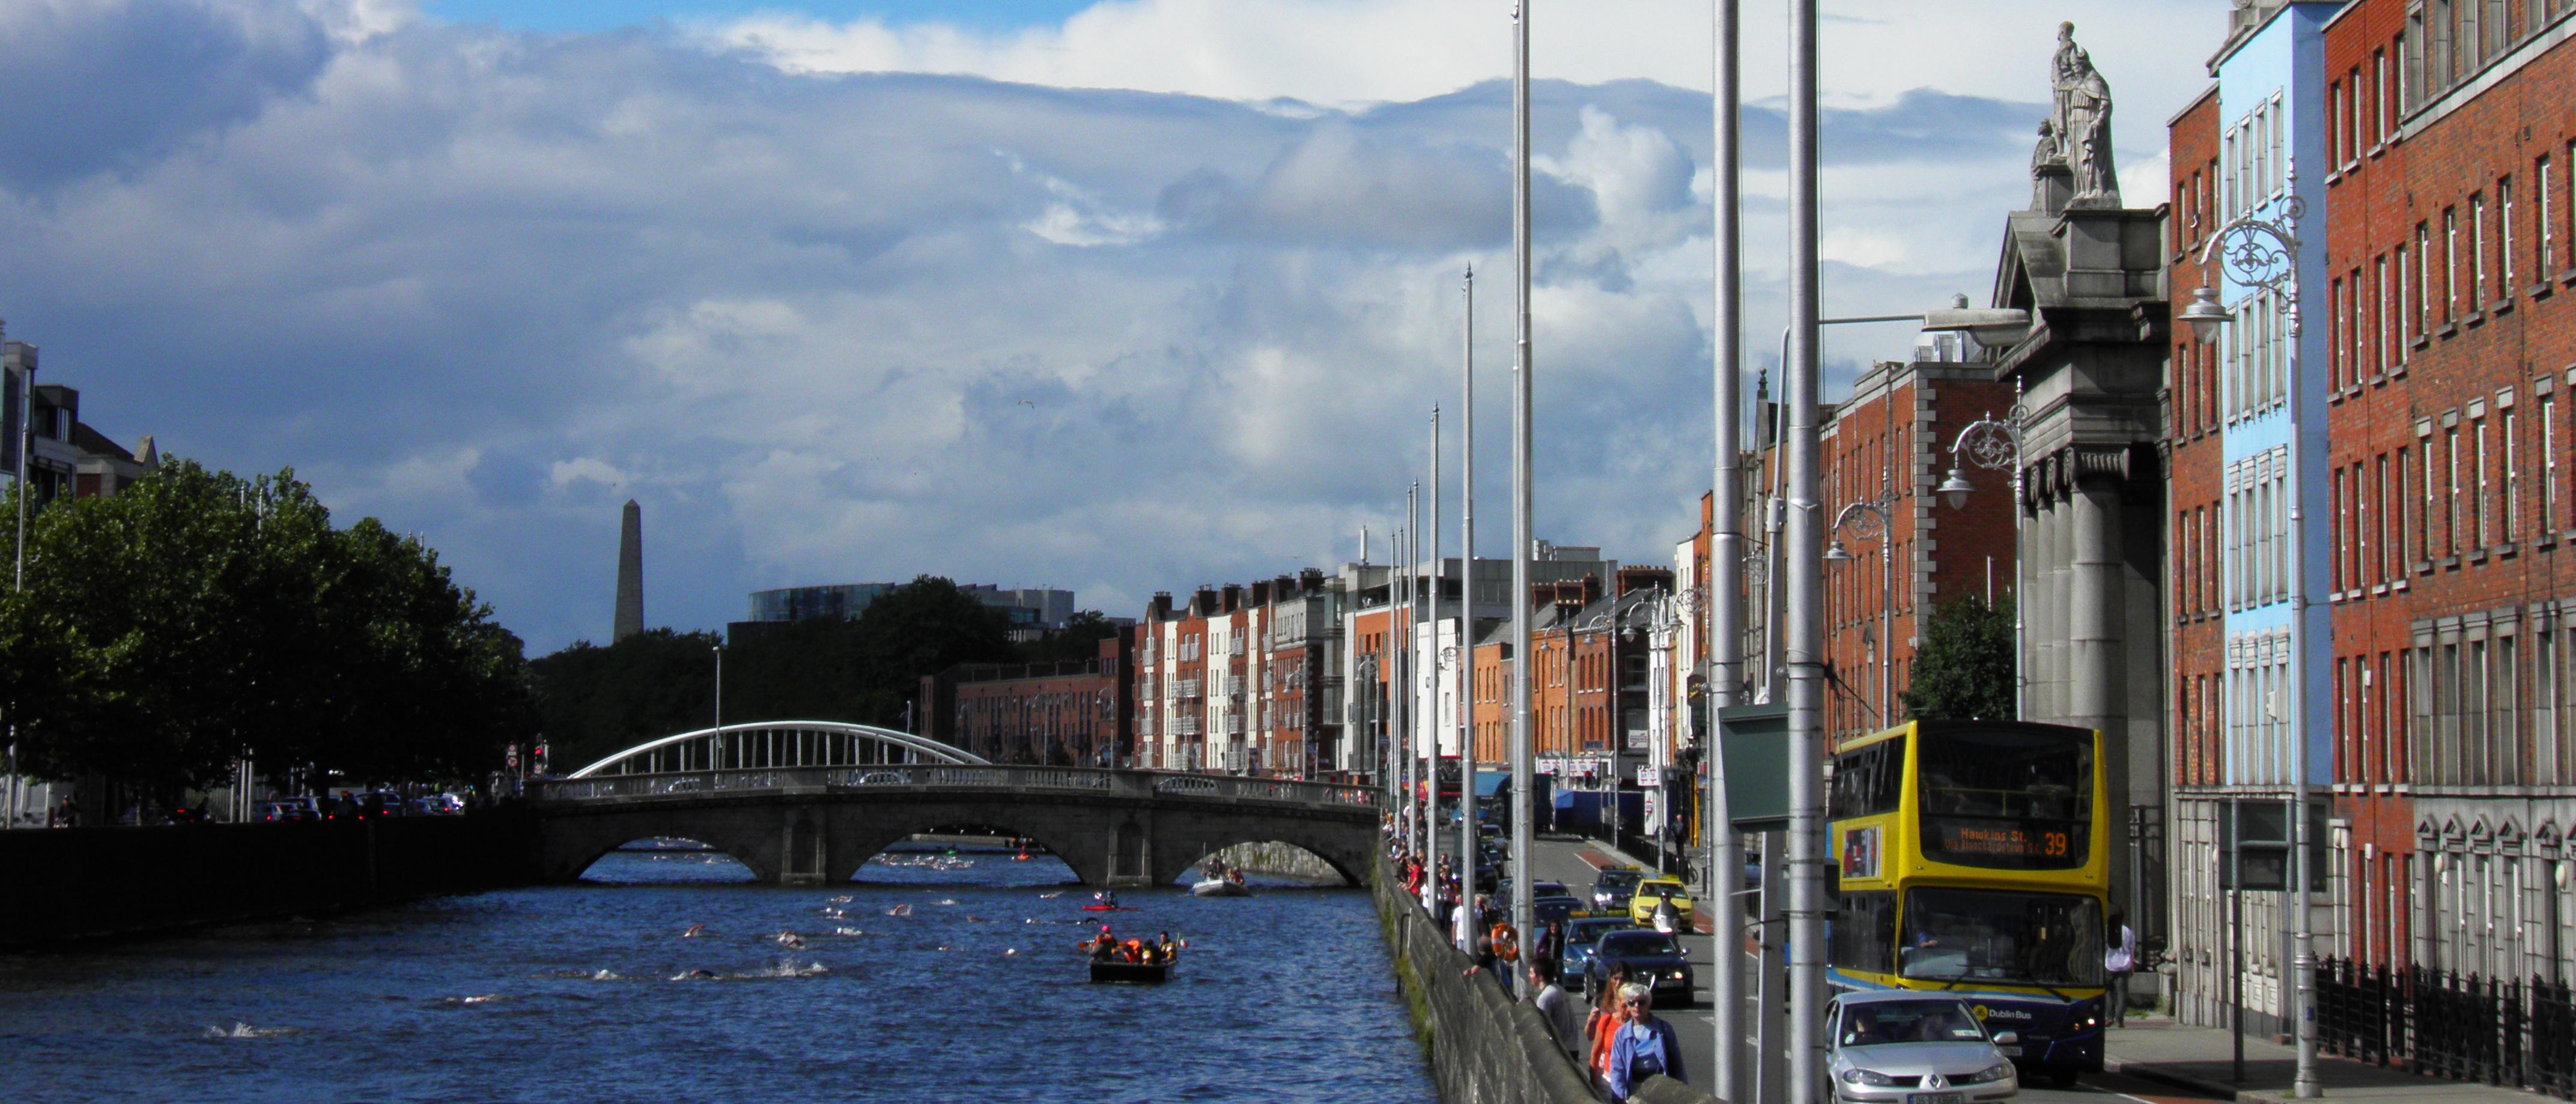 Dublin landscape photo